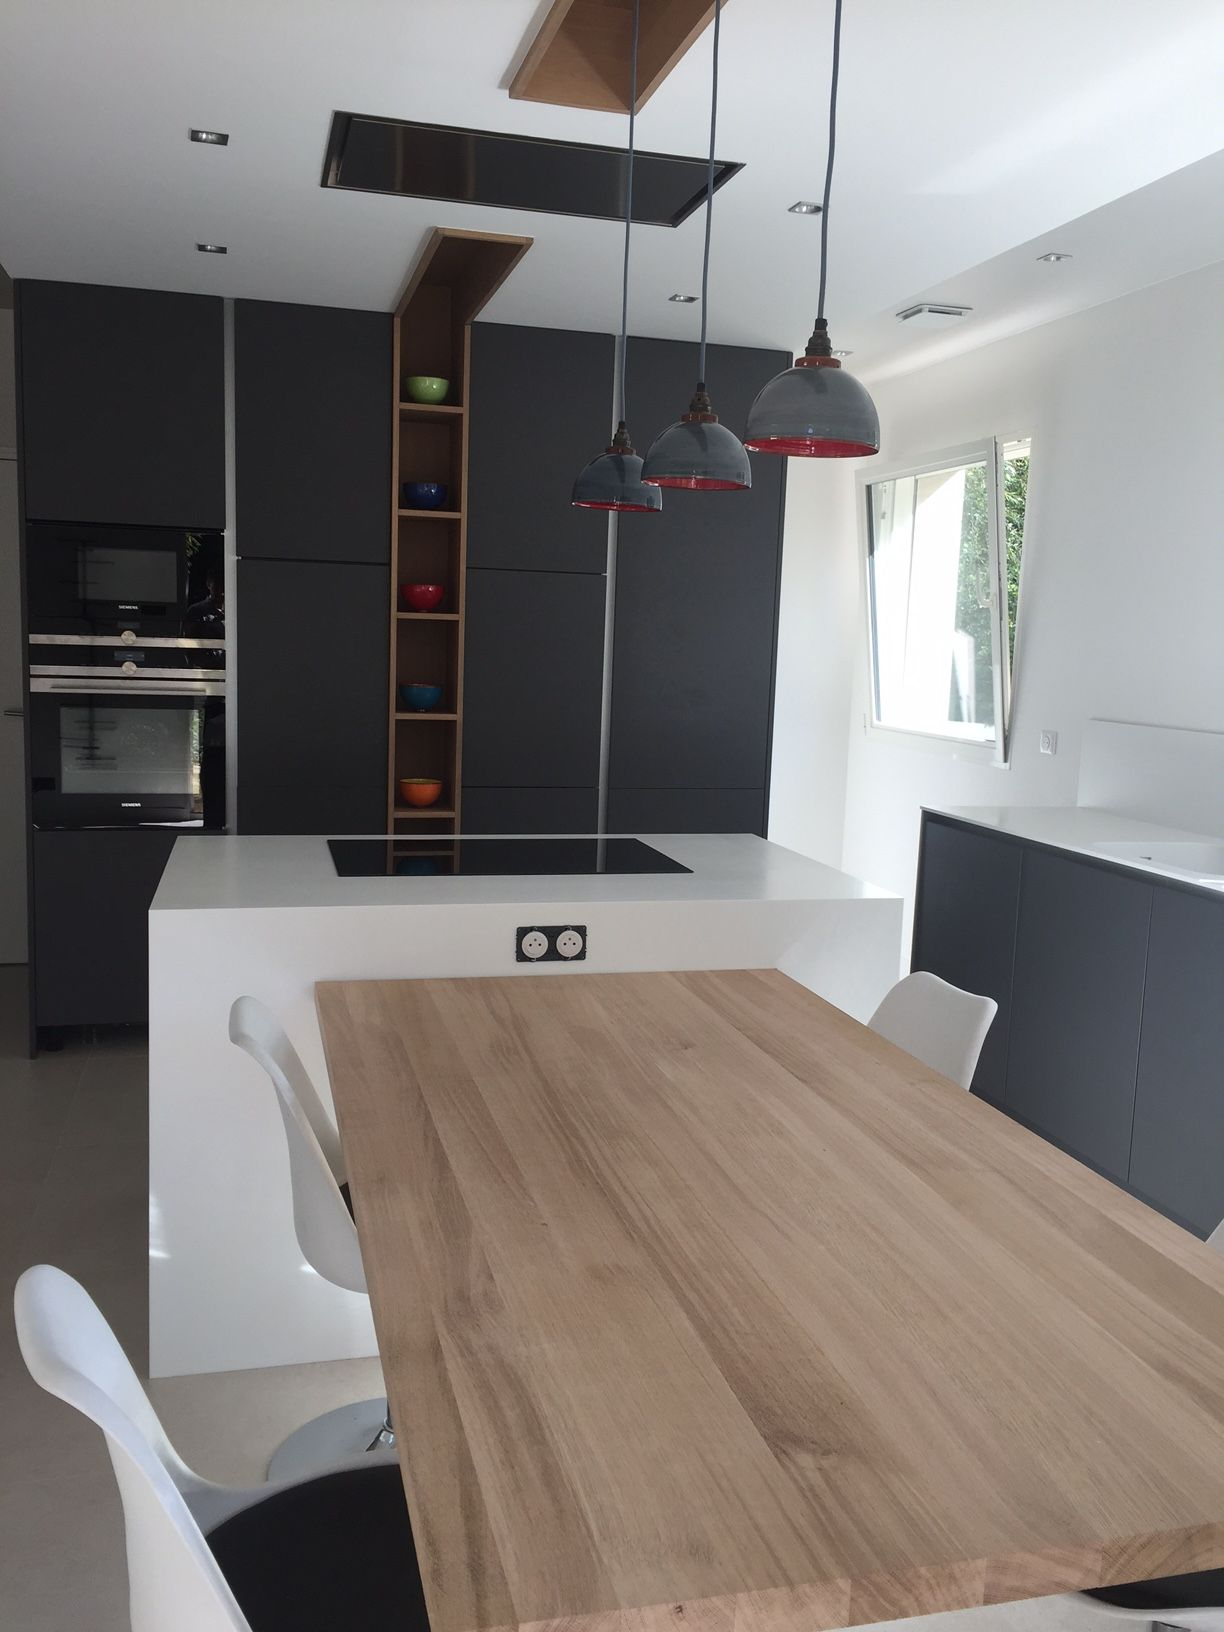 Panneauchenemassif Fabricant Chene Madeinfrance Cuisine Deco Home Avec Nos Idees De Cuisine Moderne Amenagement Cuisine Ouverte Cuisine Design Moderne